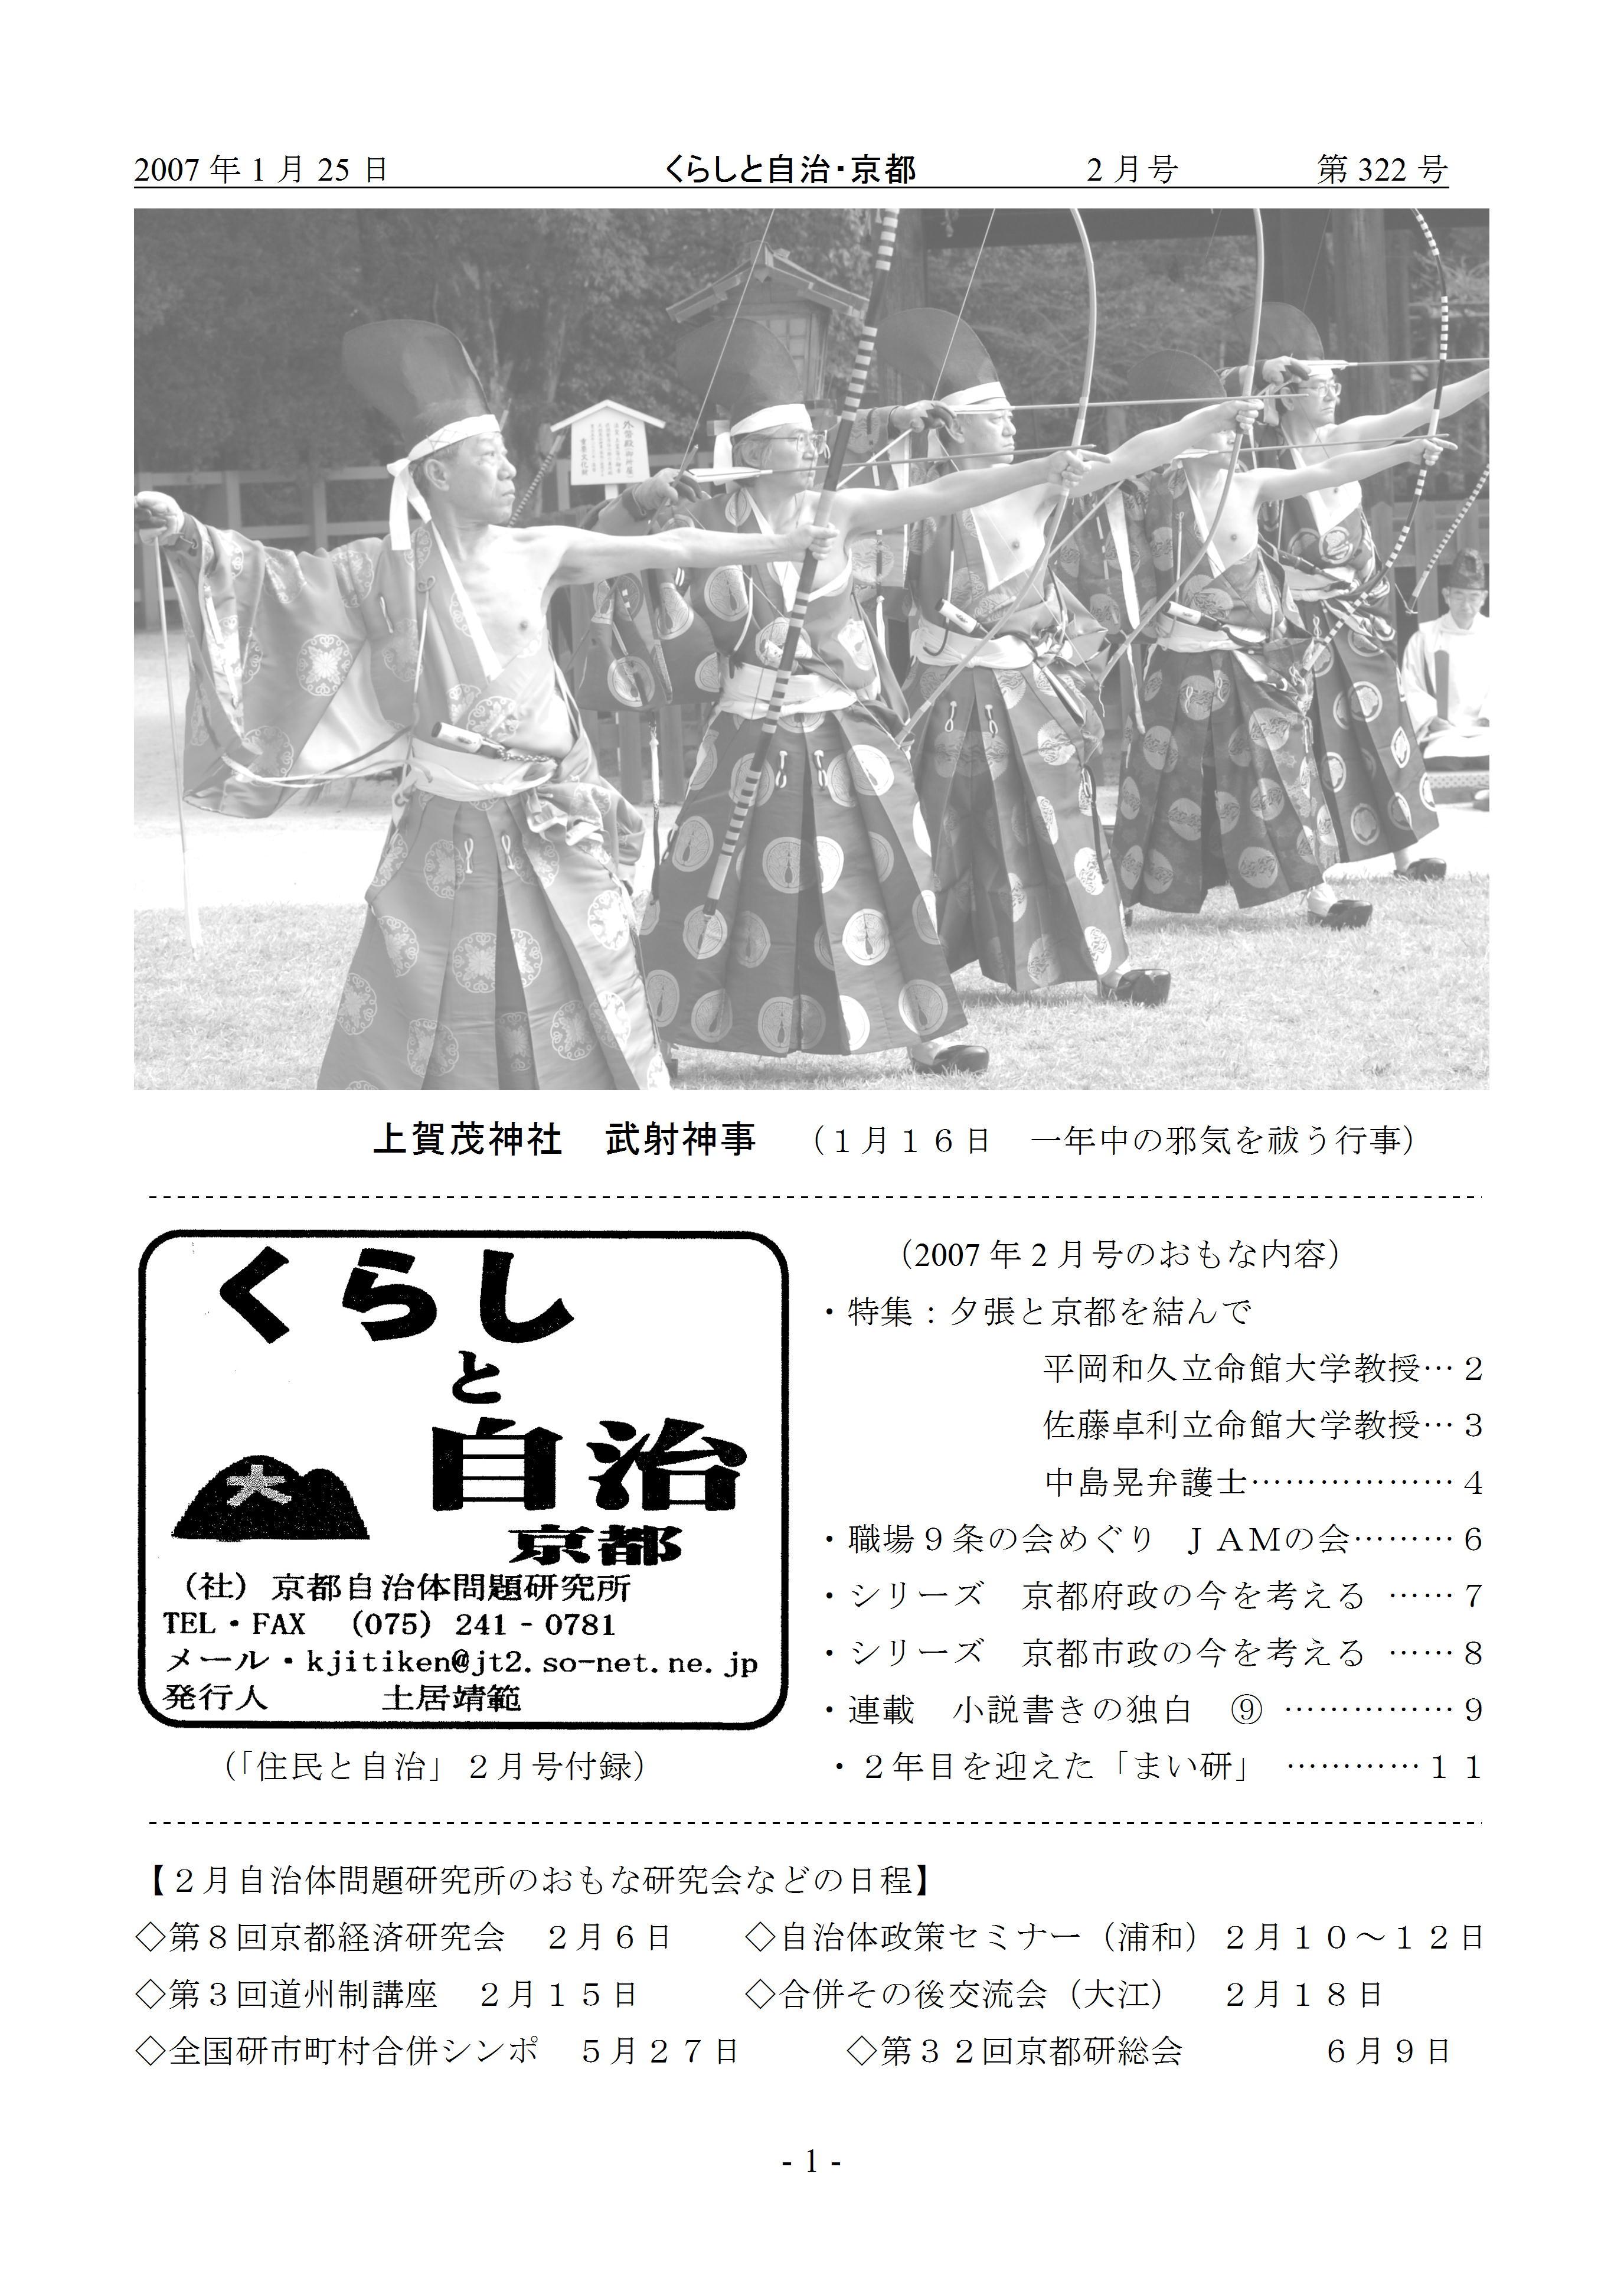 月報「くらしと自治・京都」2007年02月号 第322号